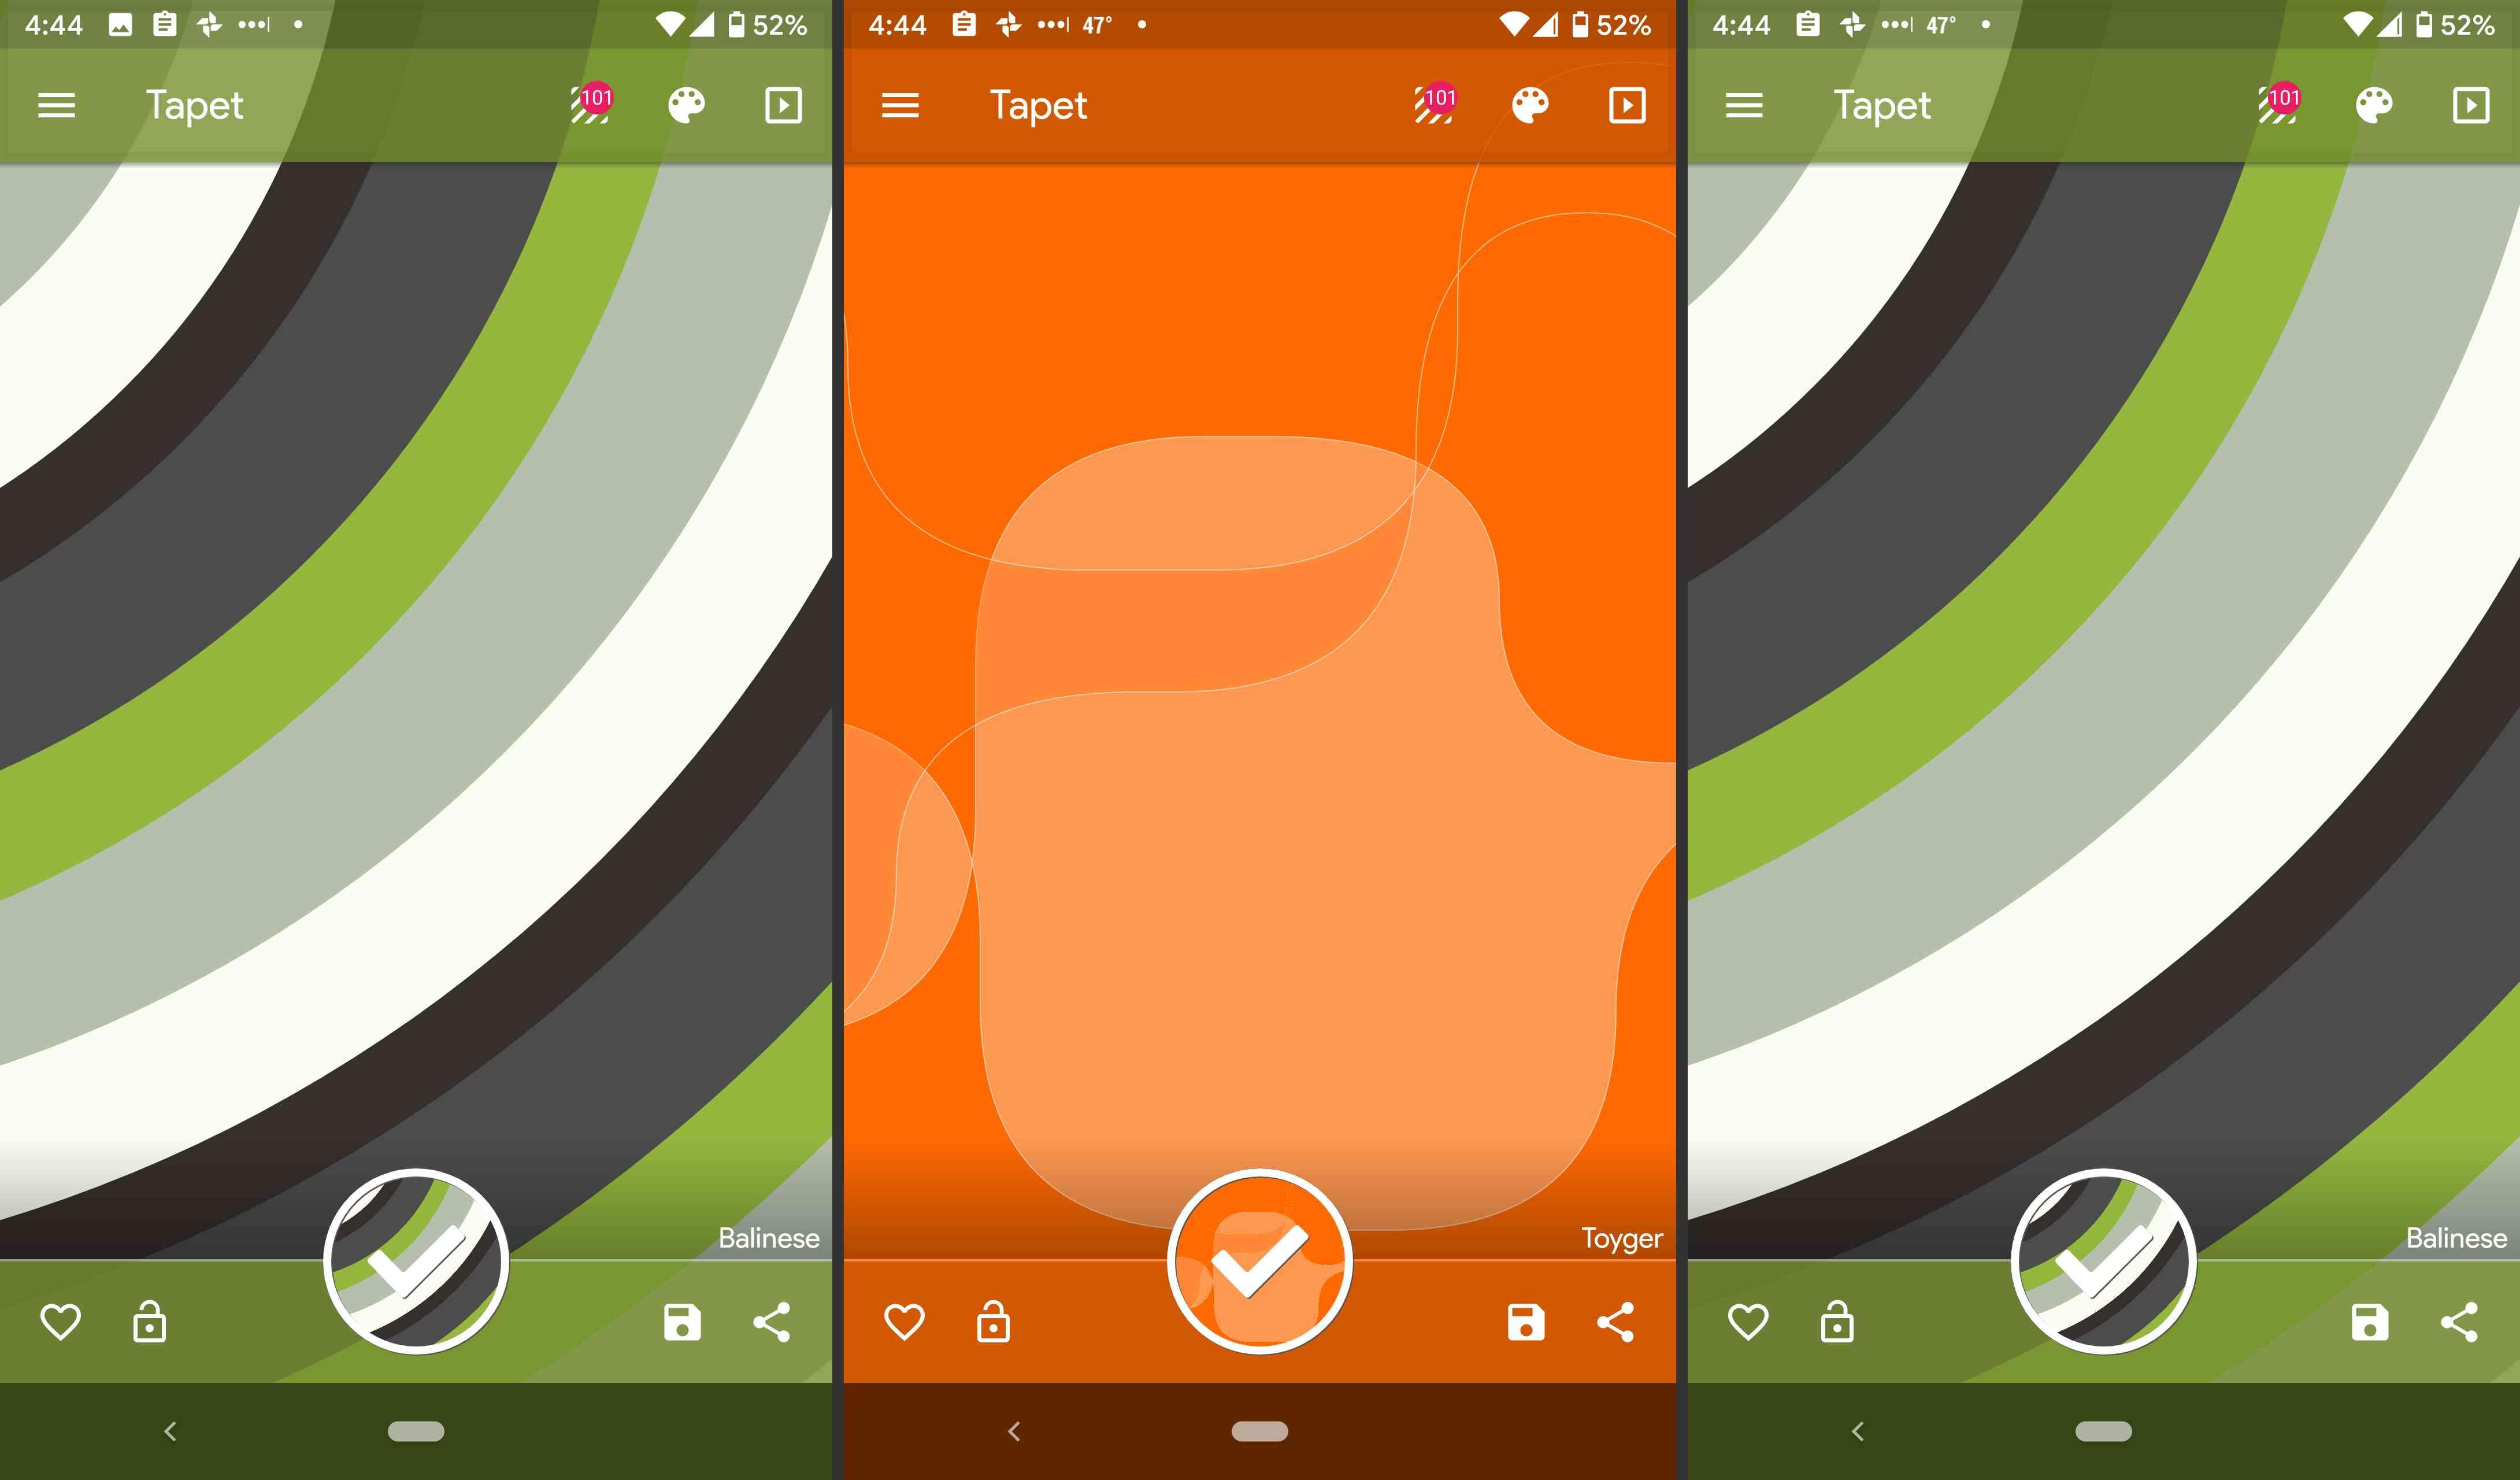 Tapet wallpaper app.